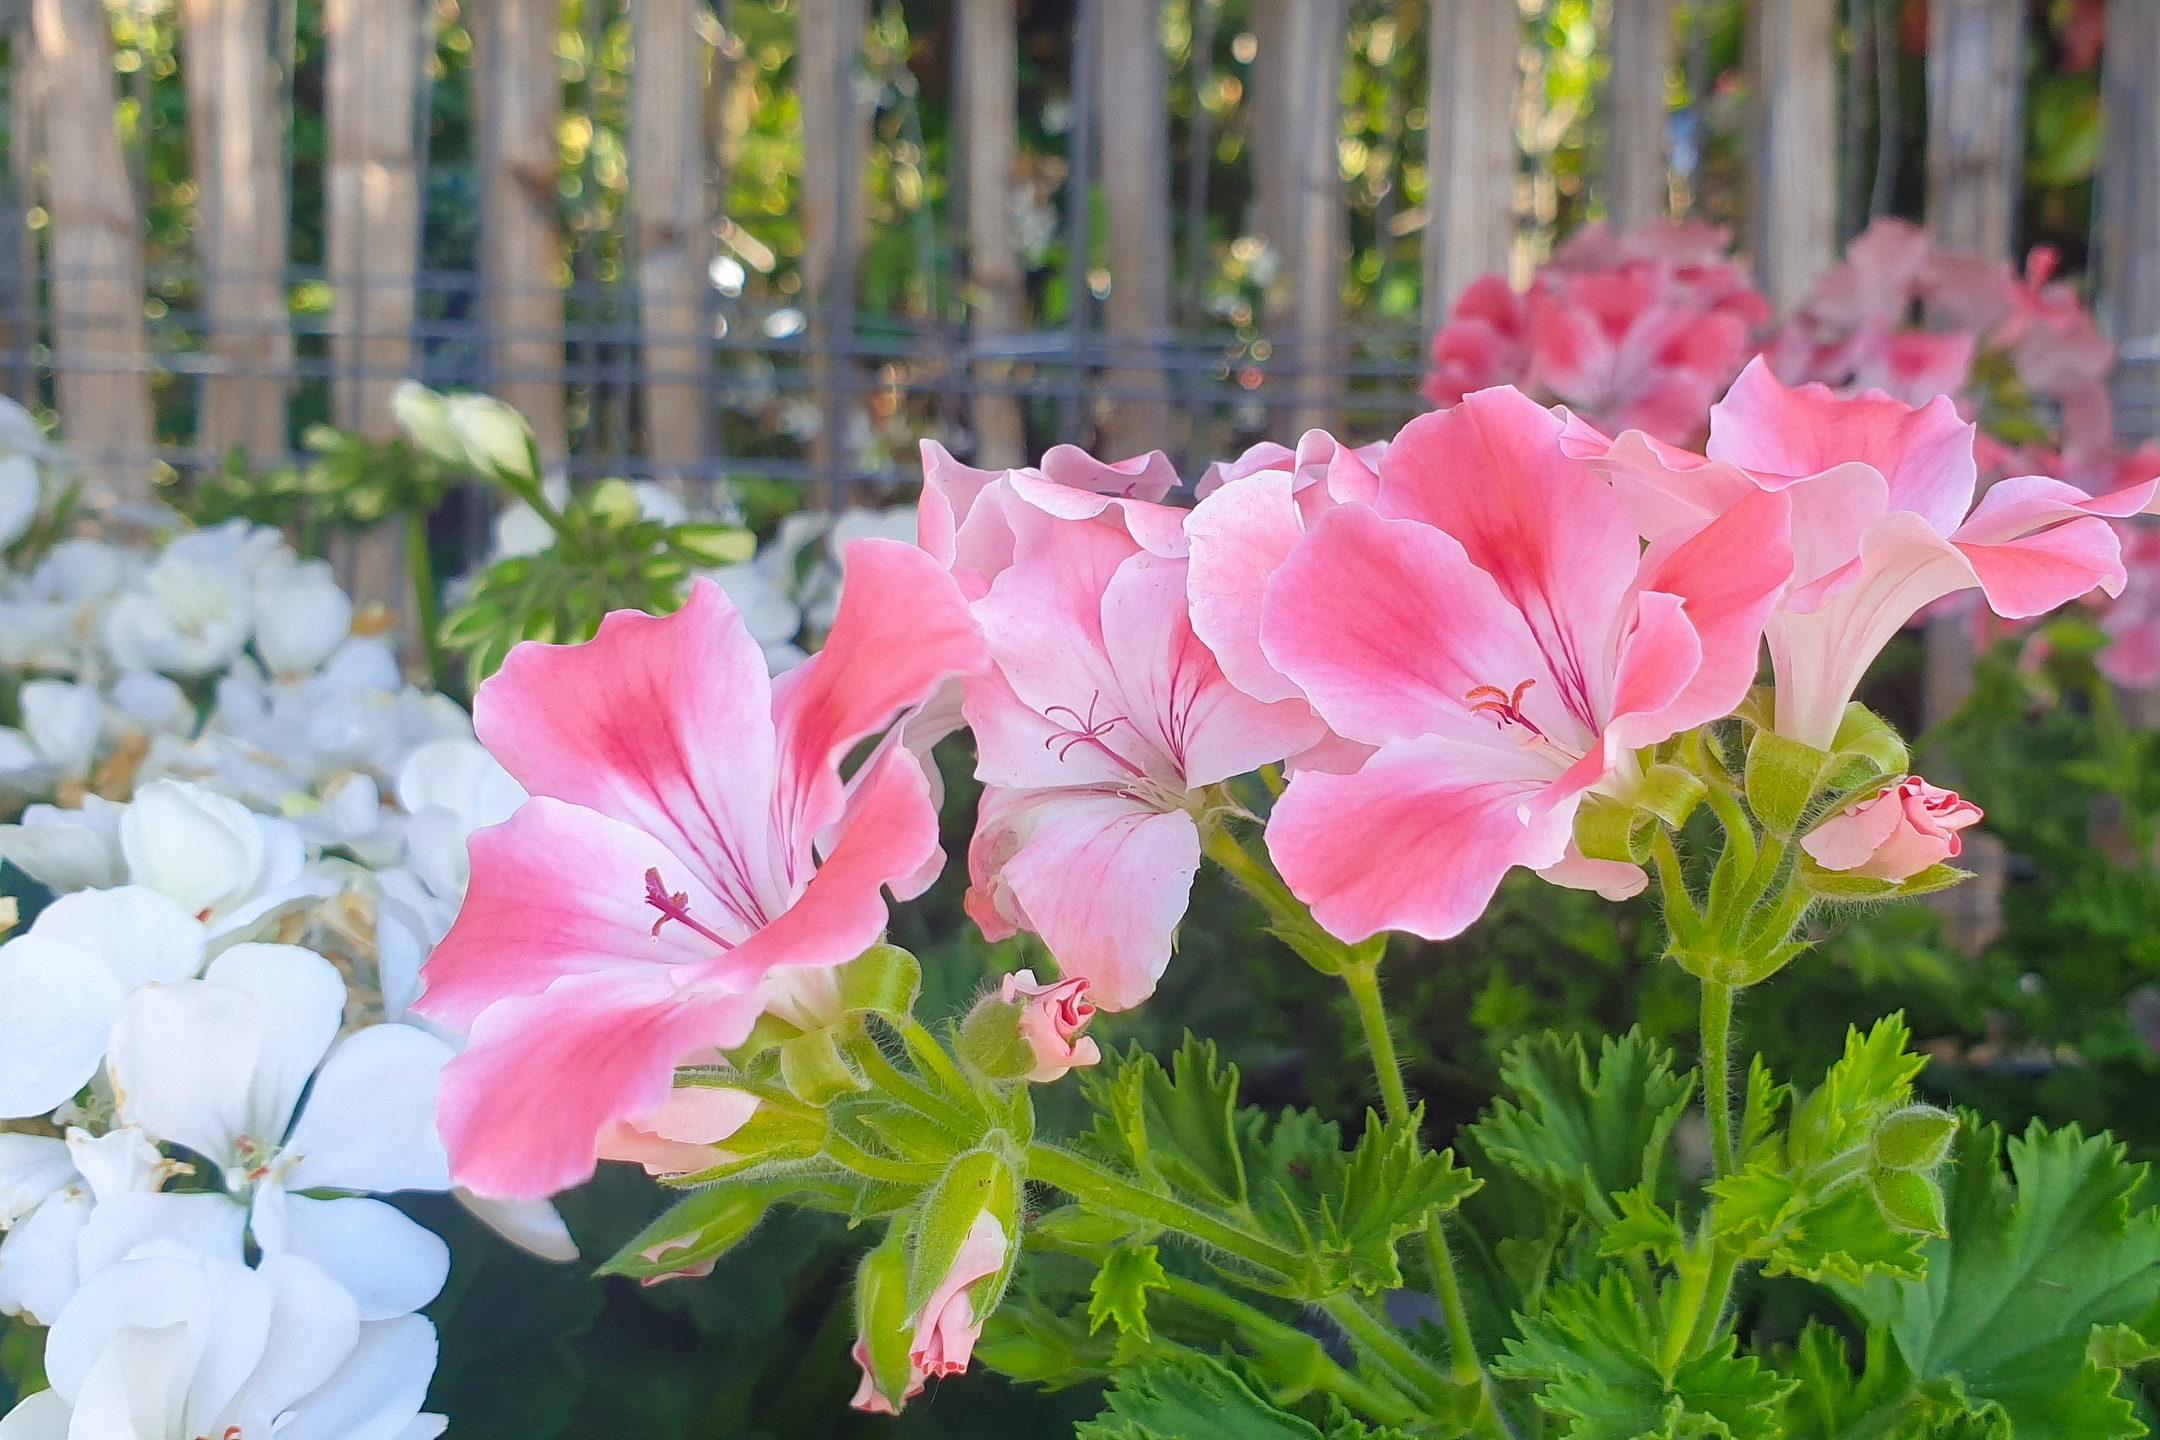 Le-jardin-des-oliviers-21-06-12-05.jpg